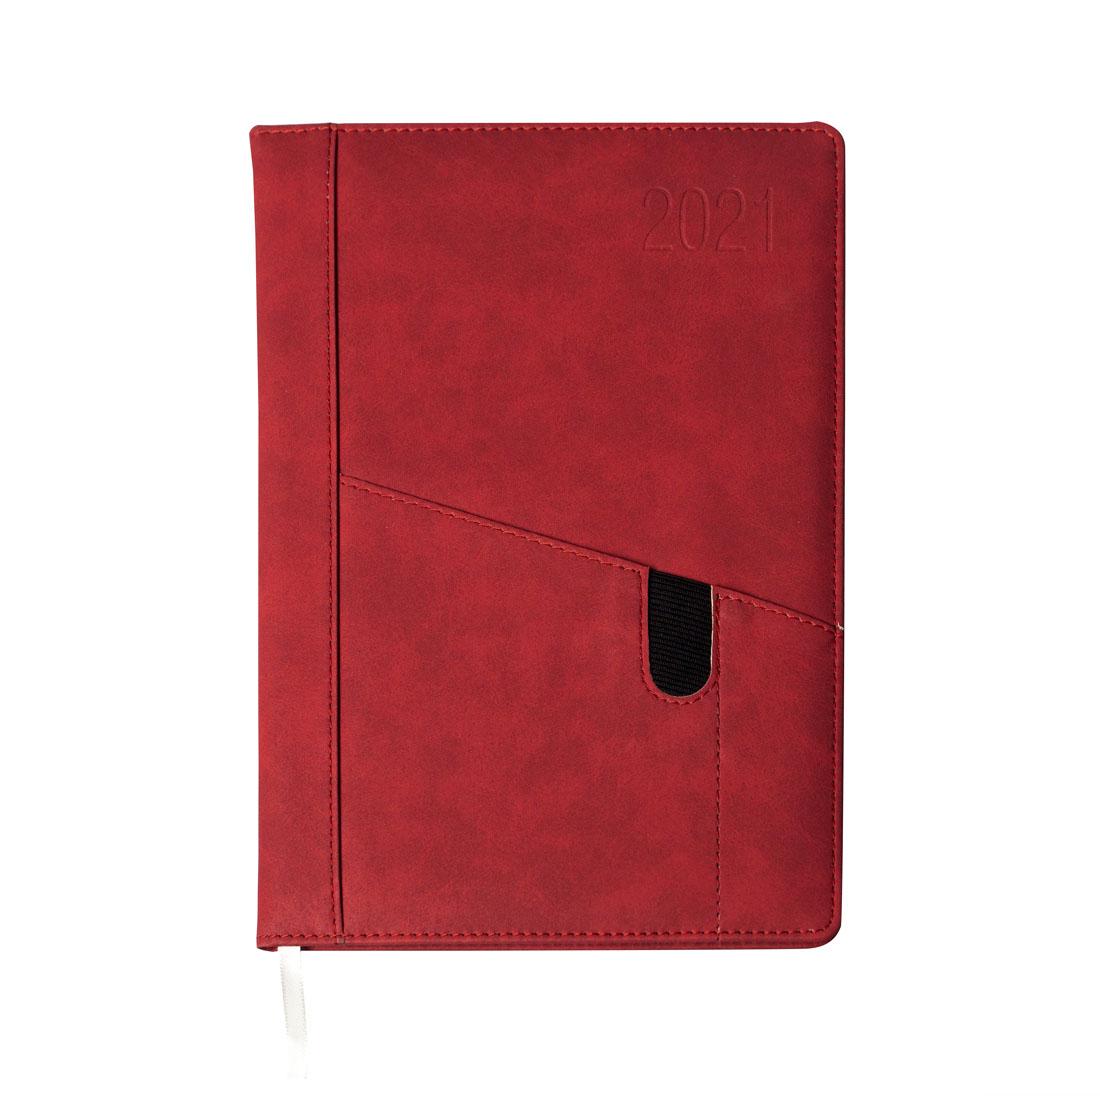 Kalendarz terminarz biurowy twardy z miejscem na smartfon i długopis na rok 2021 - O.DIARY Uran - 256 x 176 mm (B5) - czerwony